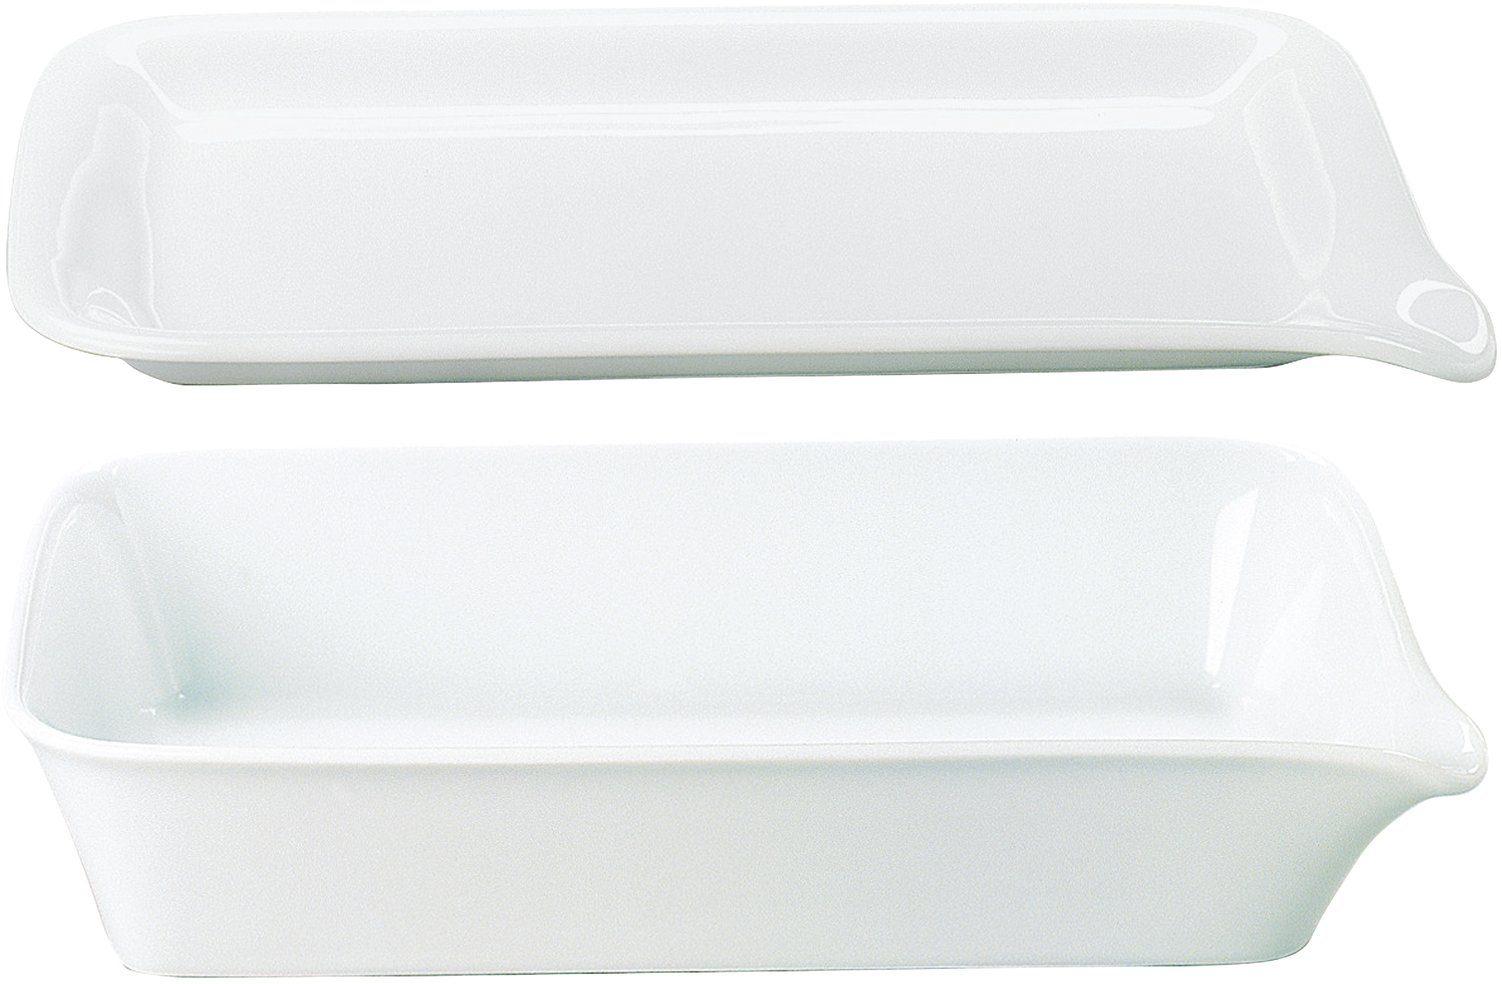 Kahla MAXI Backform + Menüplatte, Porzellan, 37x26 cm